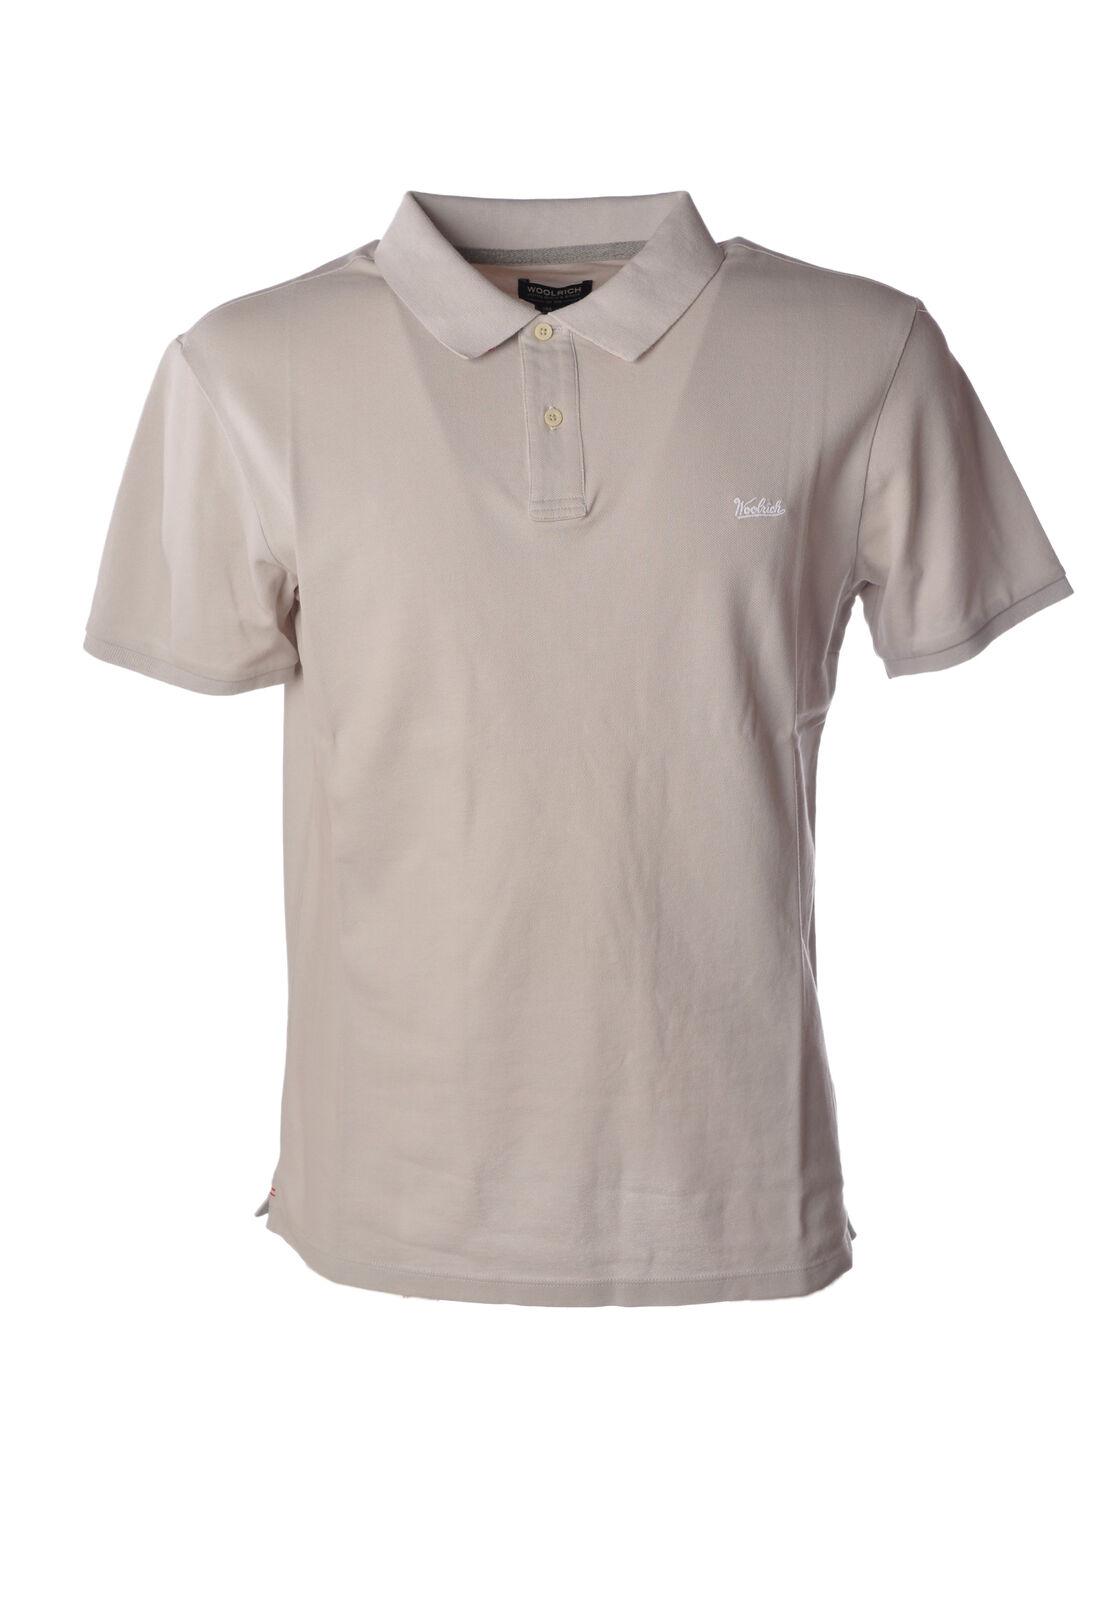 Woolrich - Topwear-Polo - Man - Weiß - 5016831G184503